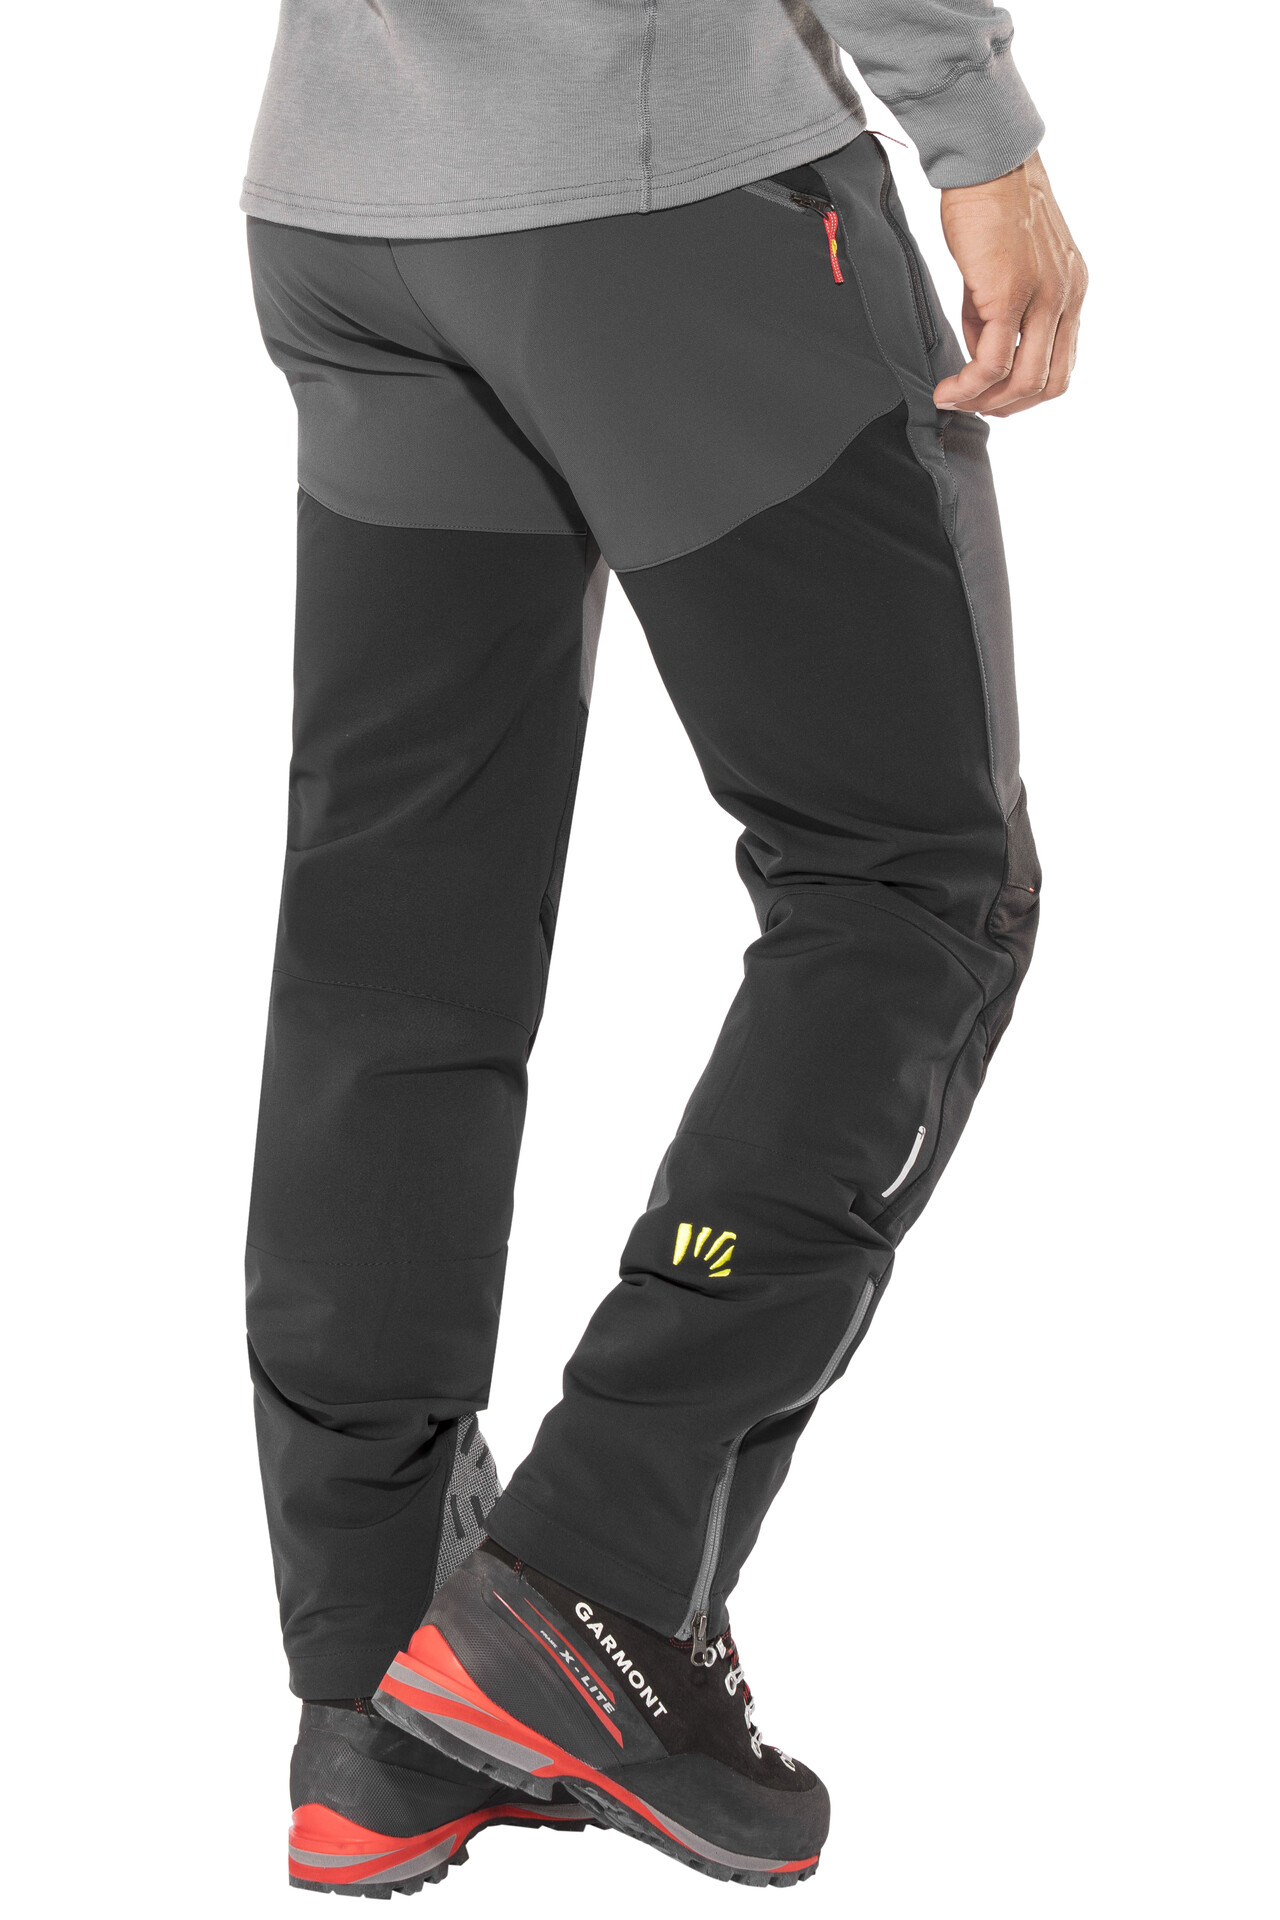 1c4e6ef5de 300 Grisnegro Karpos Pantalones Express Trekking De Hombre A88f5wq